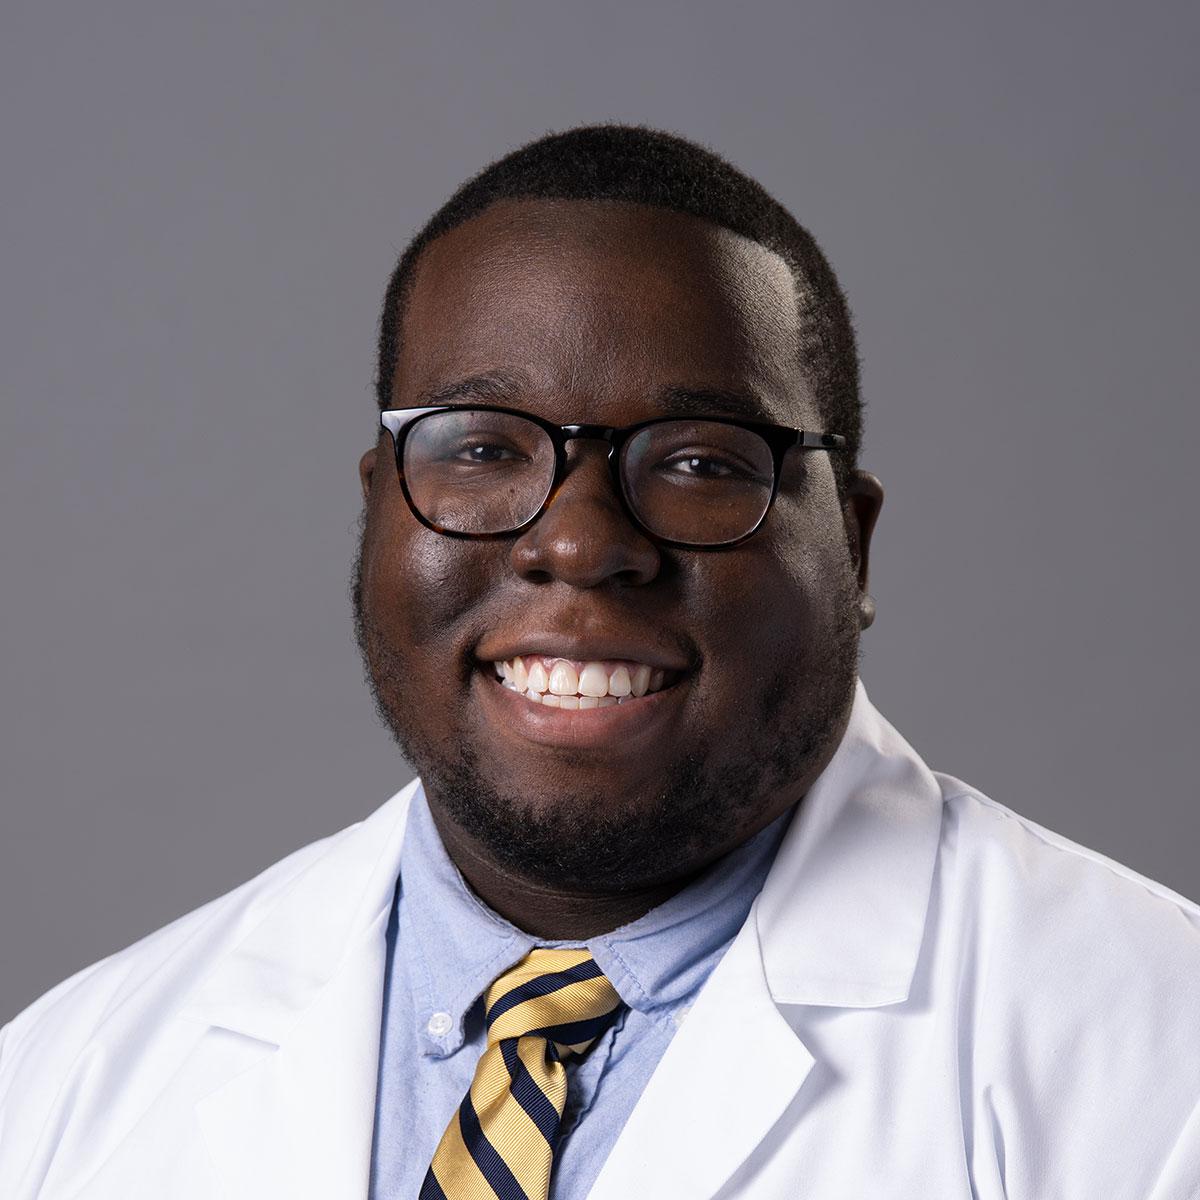 A friendly headshot of Dr. Emeka Nwoke